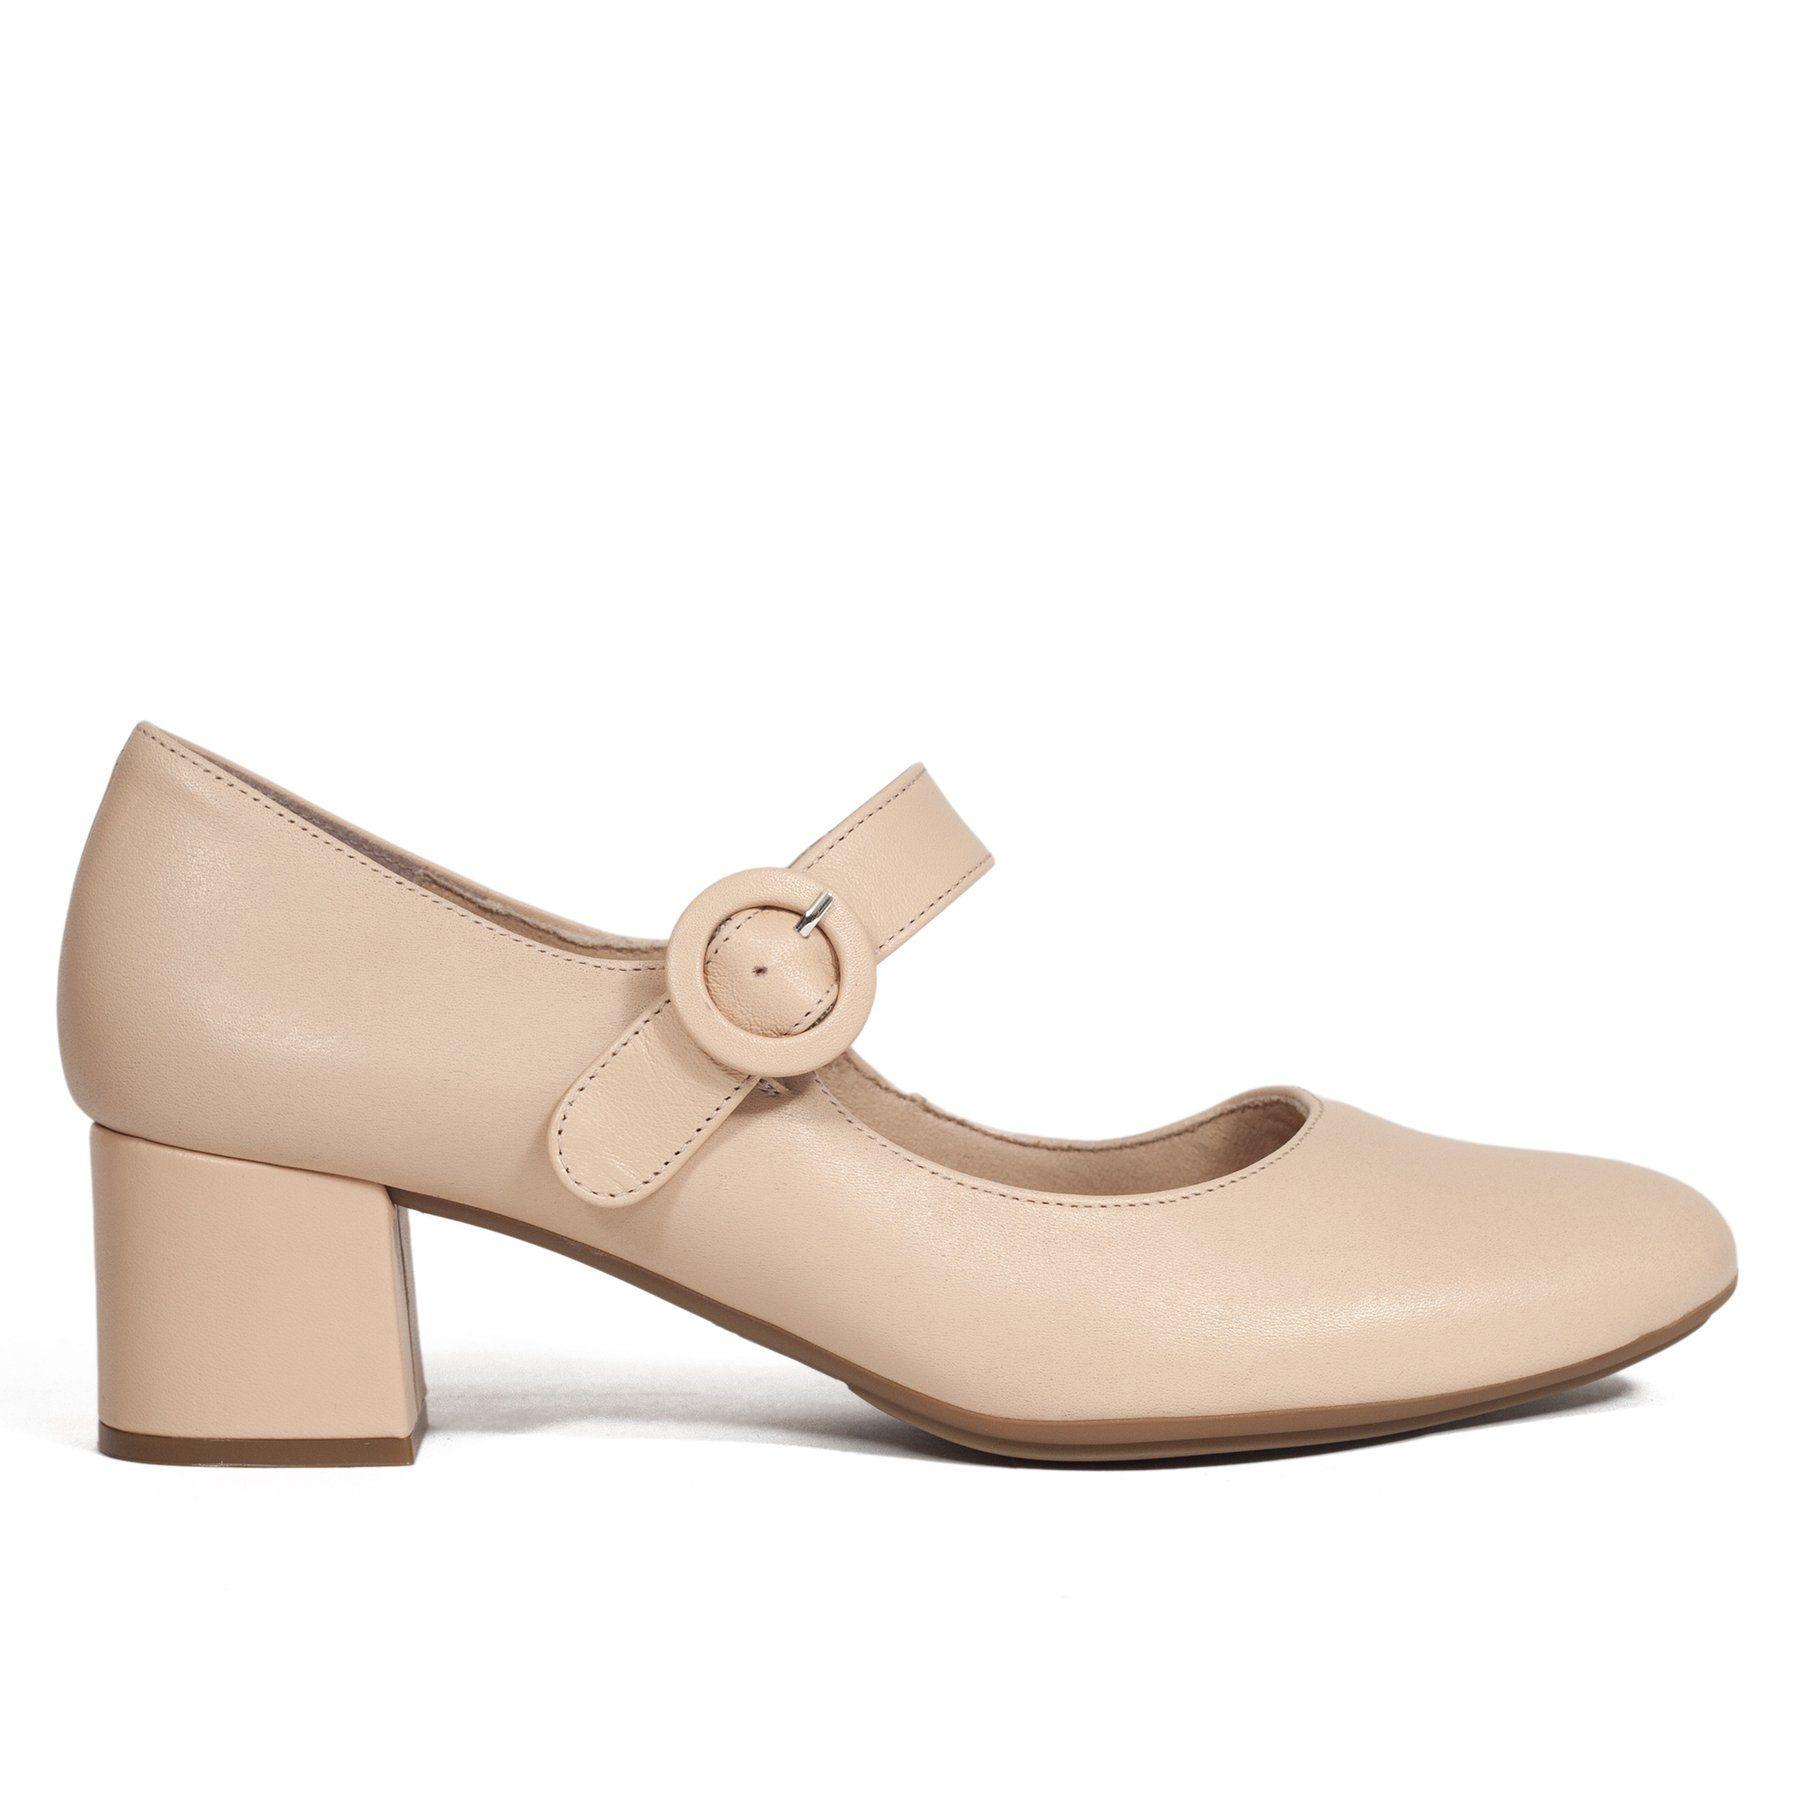 Zapato Mujer Merceditas BEIGE de piel – miMaO Hecho en España – miMaO  ShopOnline 0e89bfb472ef